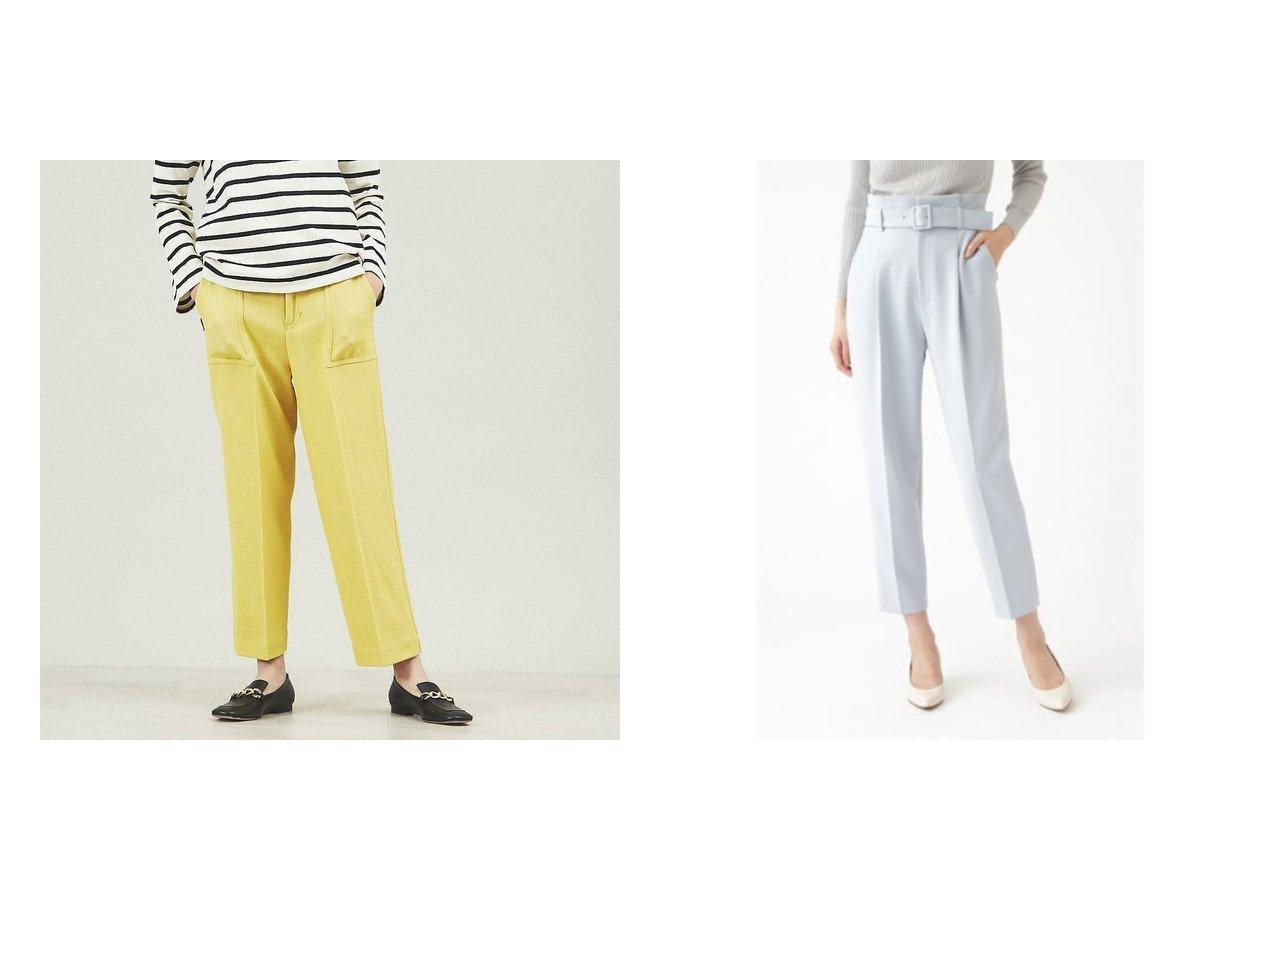 【qualite/カリテ】のカルゴカーゴパンツ&【JILLSTUART/ジルスチュアート】のサンディパンツ パンツのおすすめ!人気、トレンド・レディースファッションの通販 おすすめで人気の流行・トレンド、ファッションの通販商品 メンズファッション・キッズファッション・インテリア・家具・レディースファッション・服の通販 founy(ファニー) https://founy.com/ ファッション Fashion レディースファッション WOMEN パンツ Pants イエロー 春 Spring カーゴパンツ センター テーパード トレンド 定番 Standard ポケット ワイド 2021年 2021 S/S 春夏 SS Spring/Summer 2021 春夏 S/S SS Spring/Summer 2021 スリム |ID:crp329100000014960